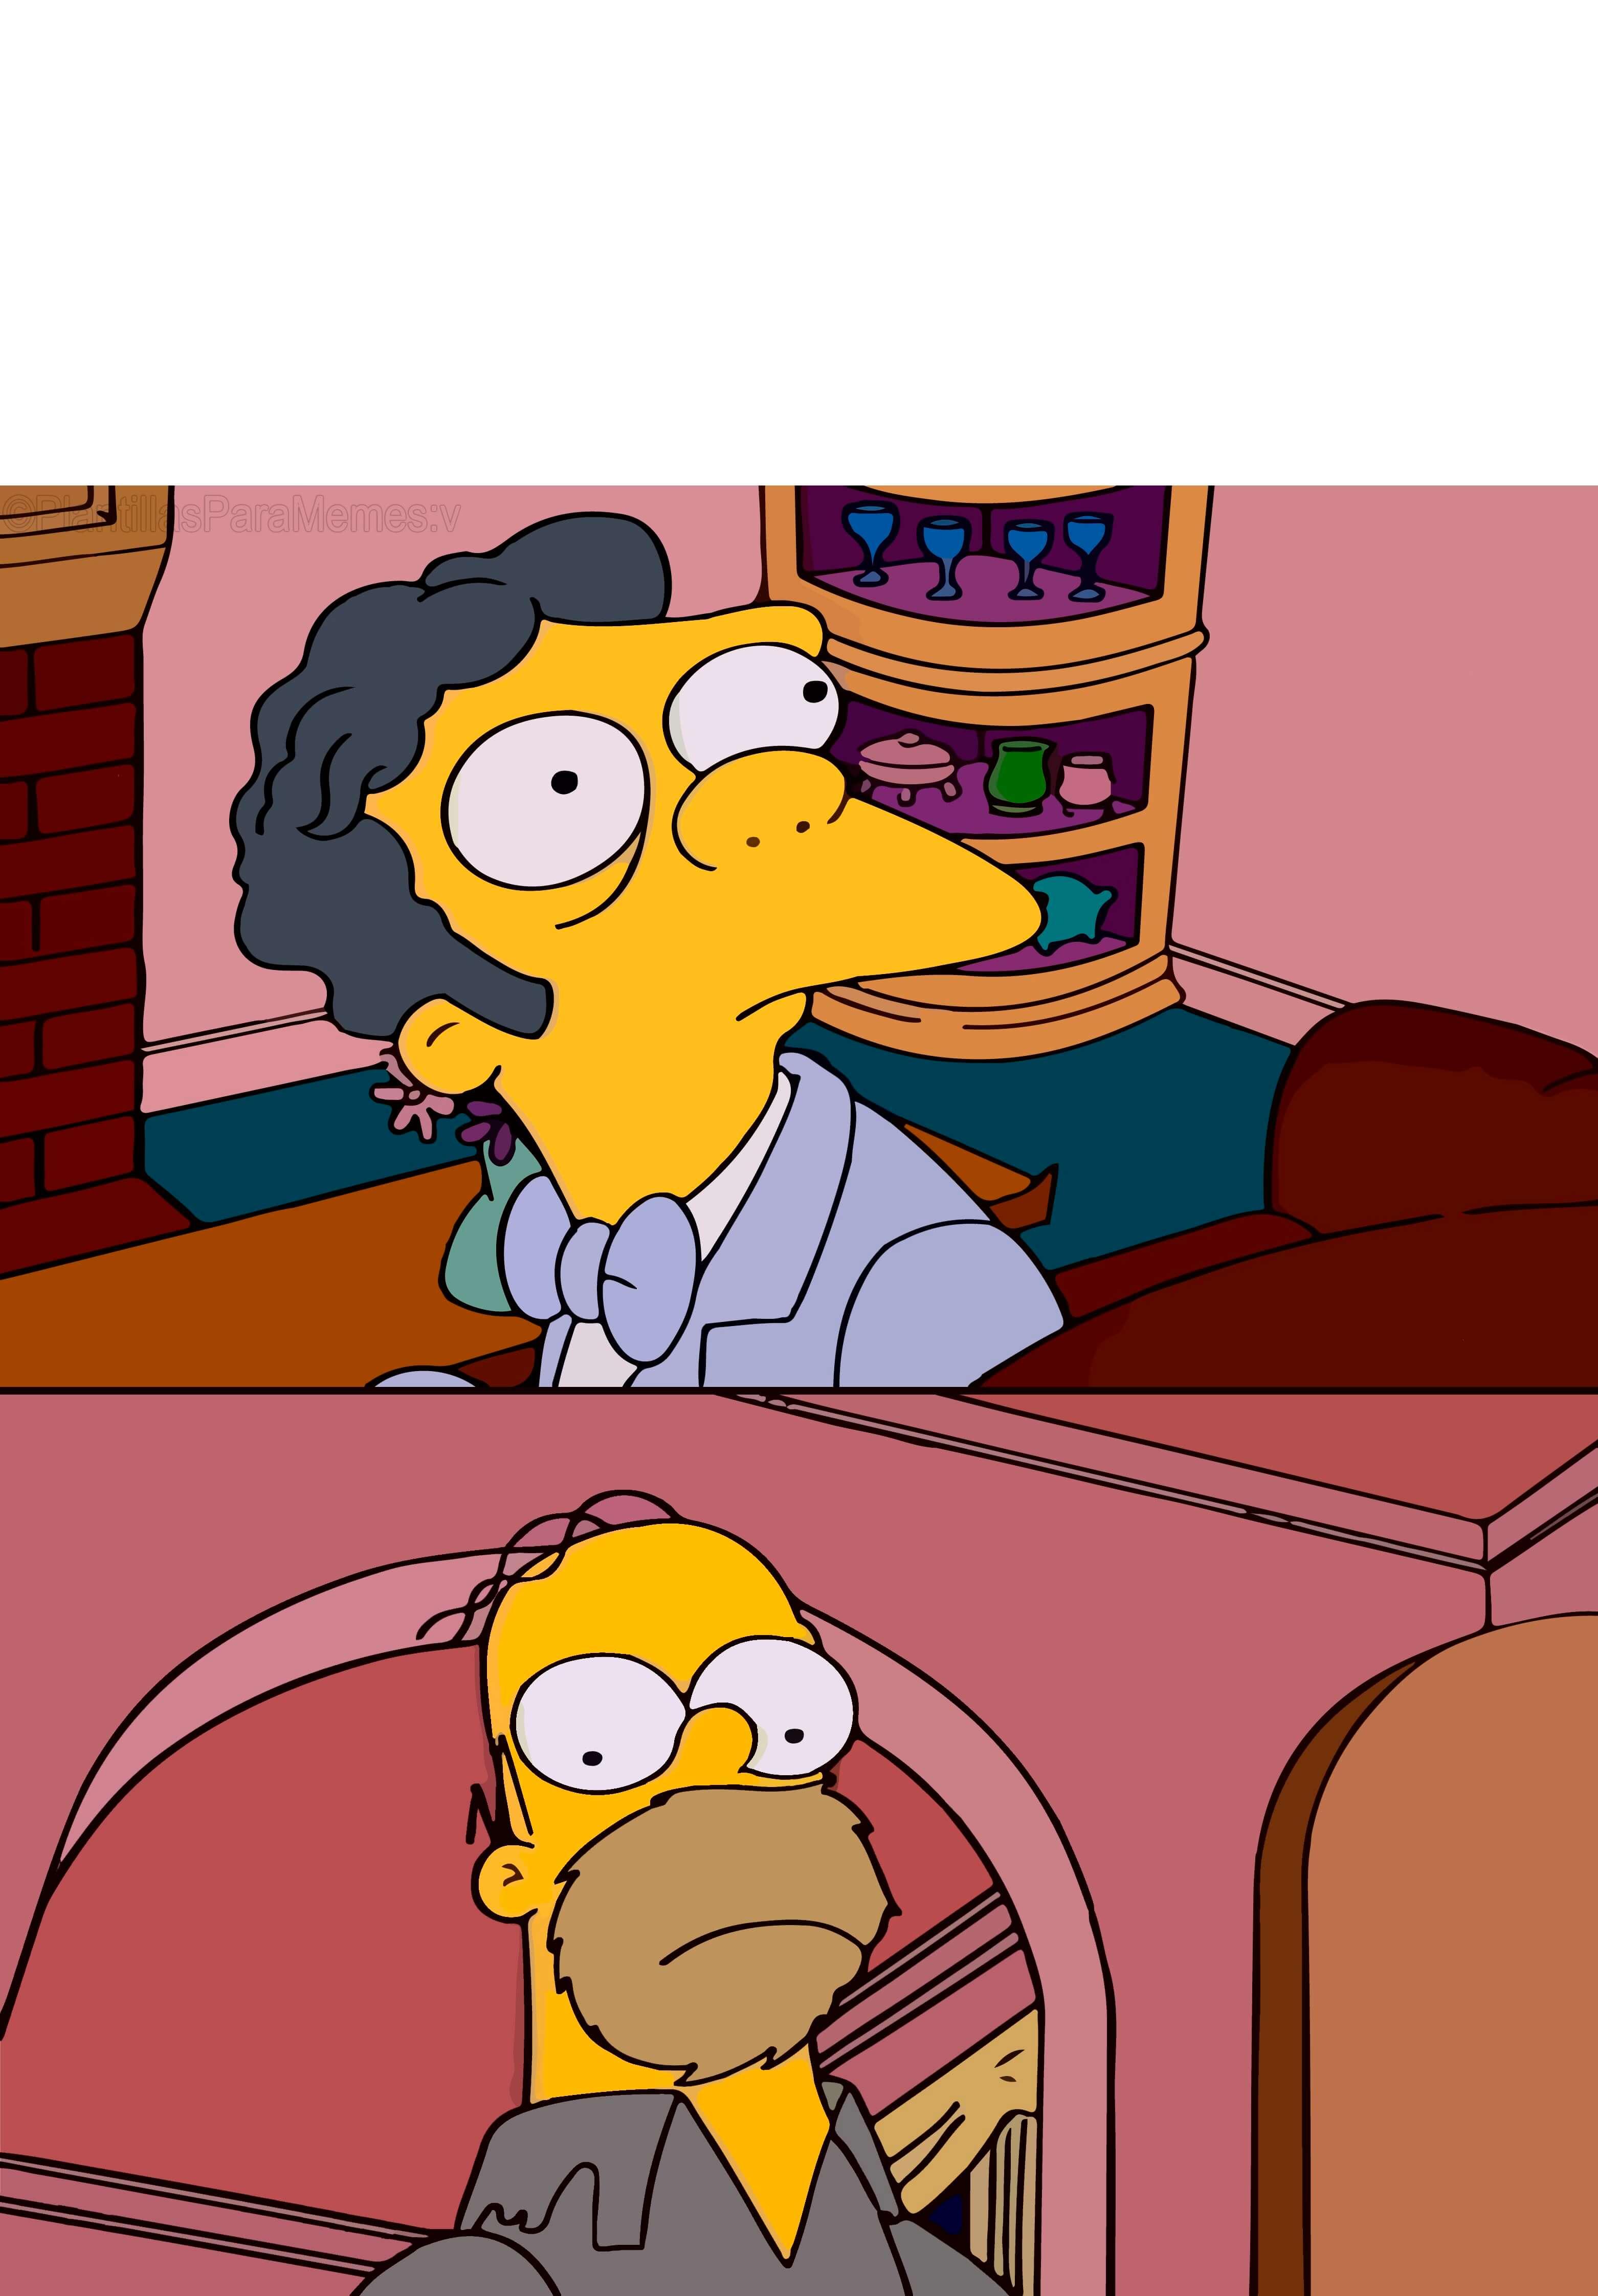 Ir a la pagina de la plantilla Moe y Homero mirándose | Que haces aquí.